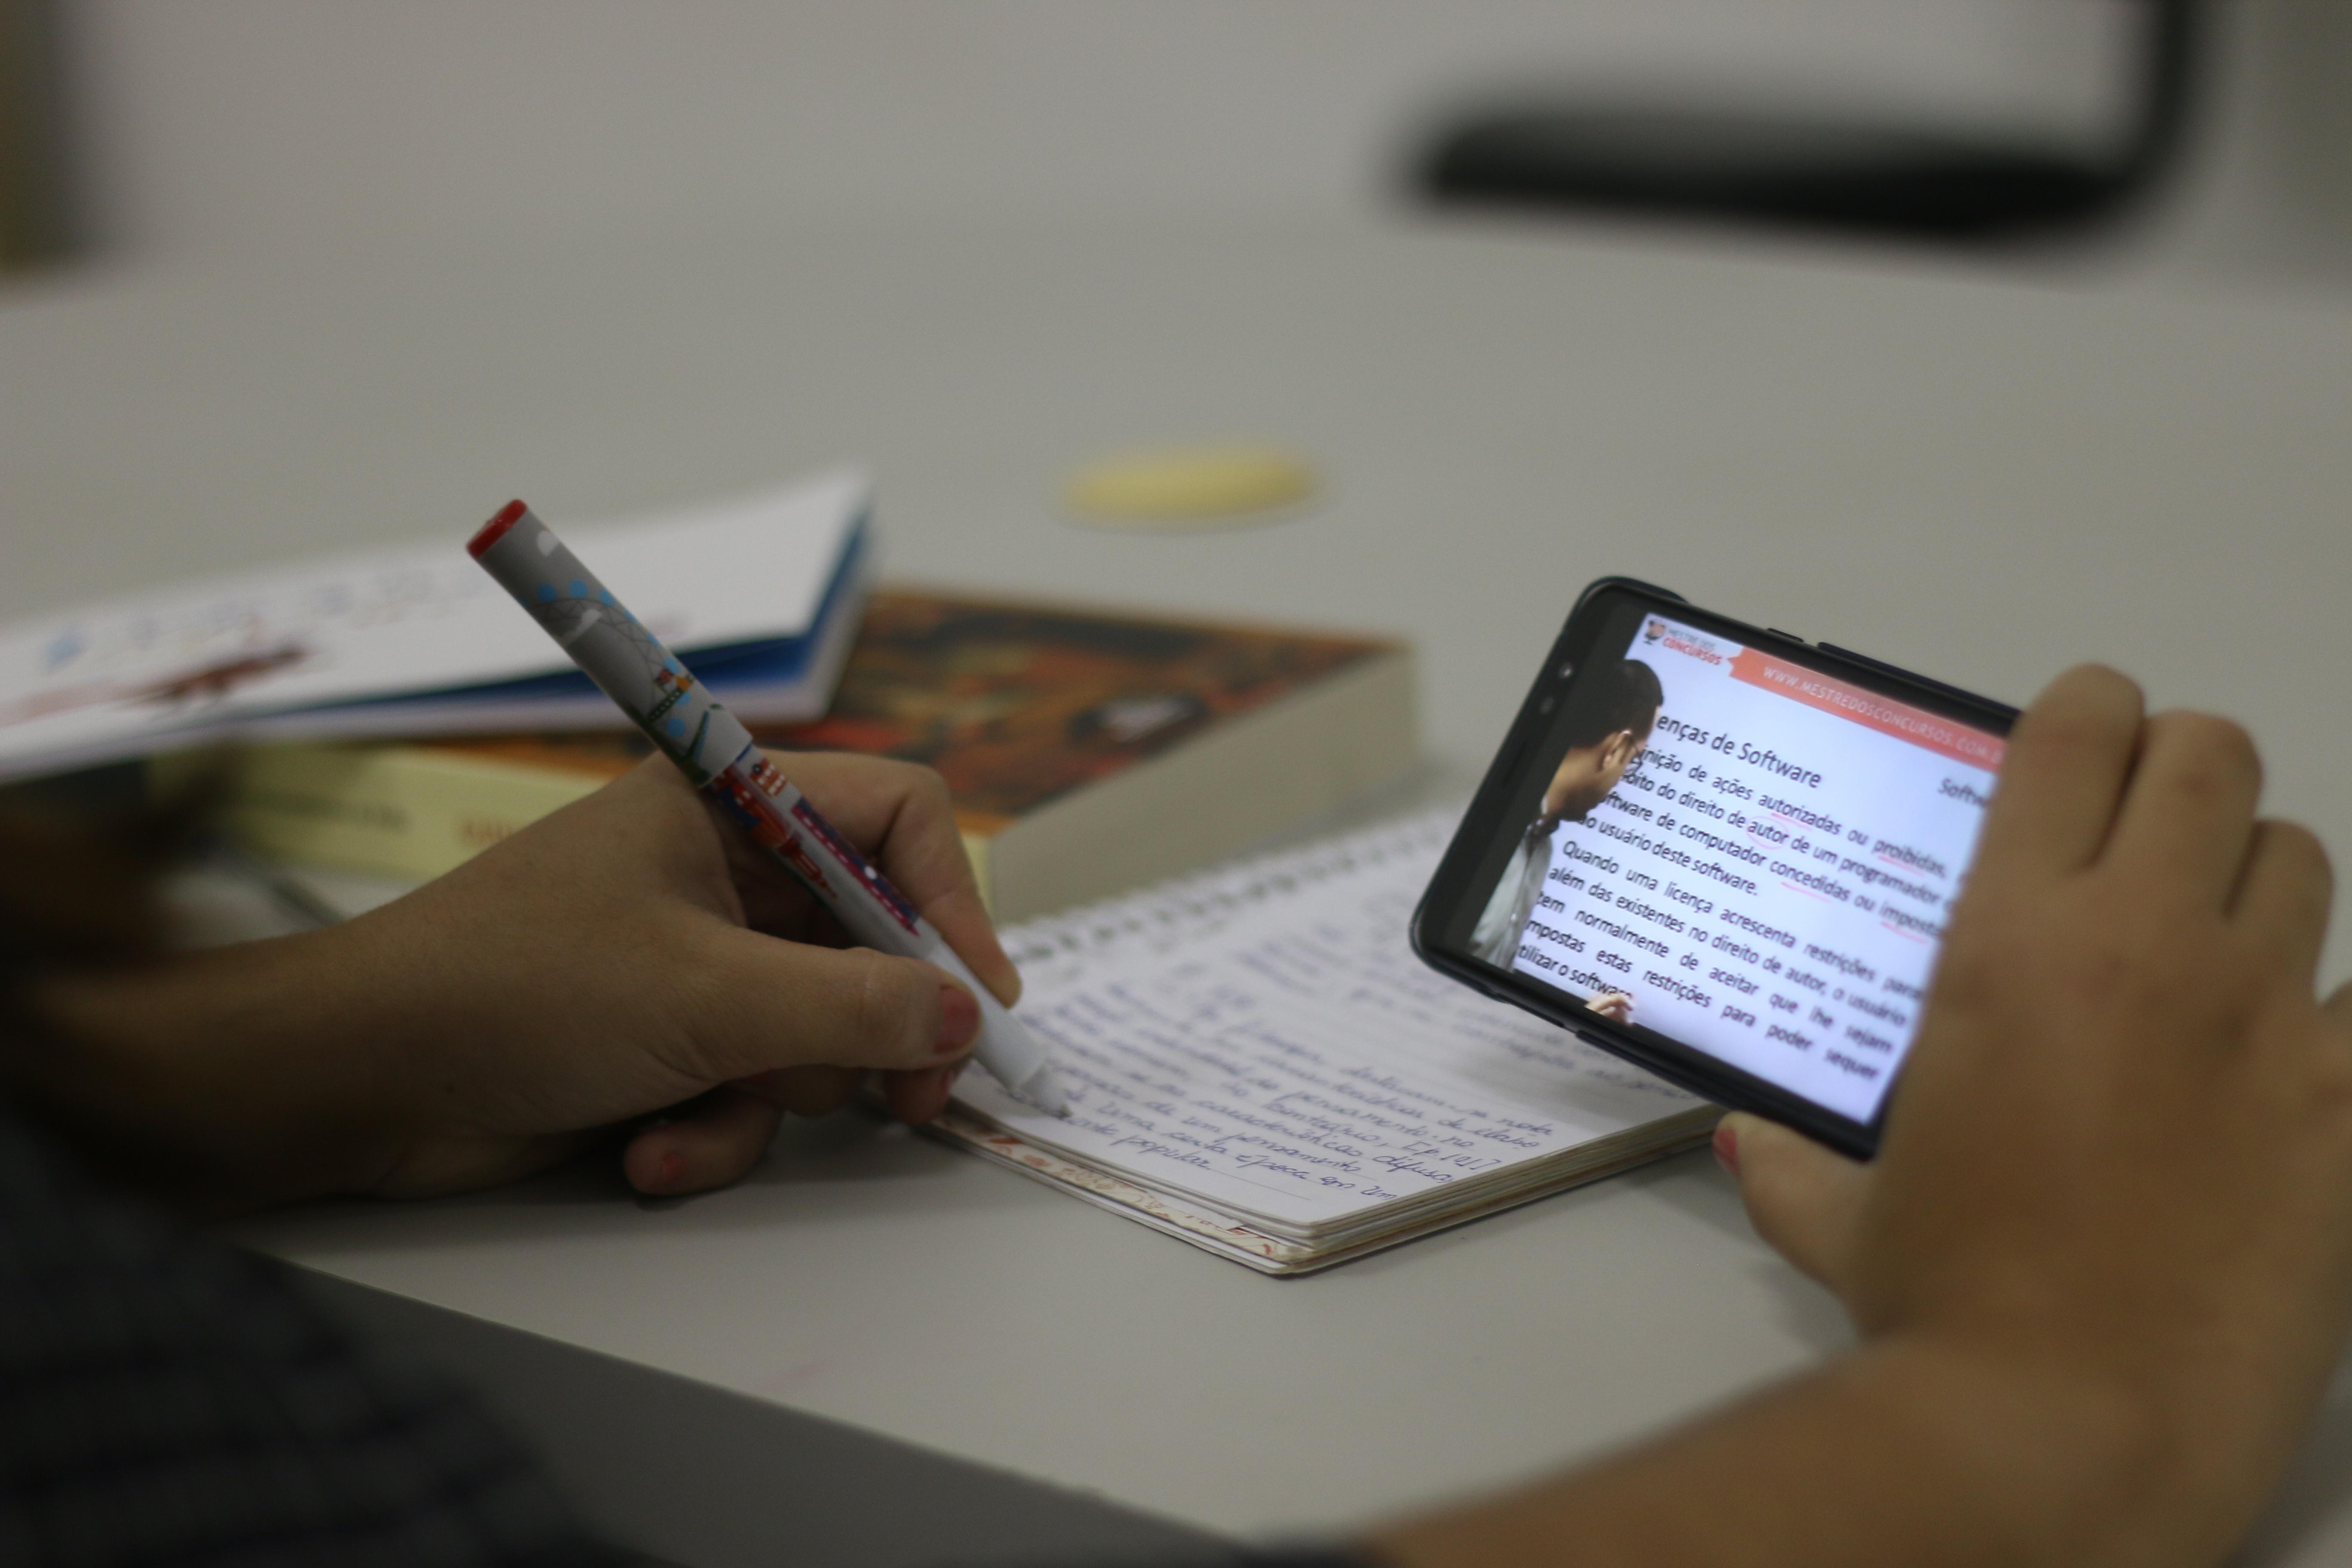 Pesquisa prevê que Brasil terá mais alunos estudando a distância do que nas salas de aula tradicionais em 2023. Foto: Gabriel Melo/Esp.DP.